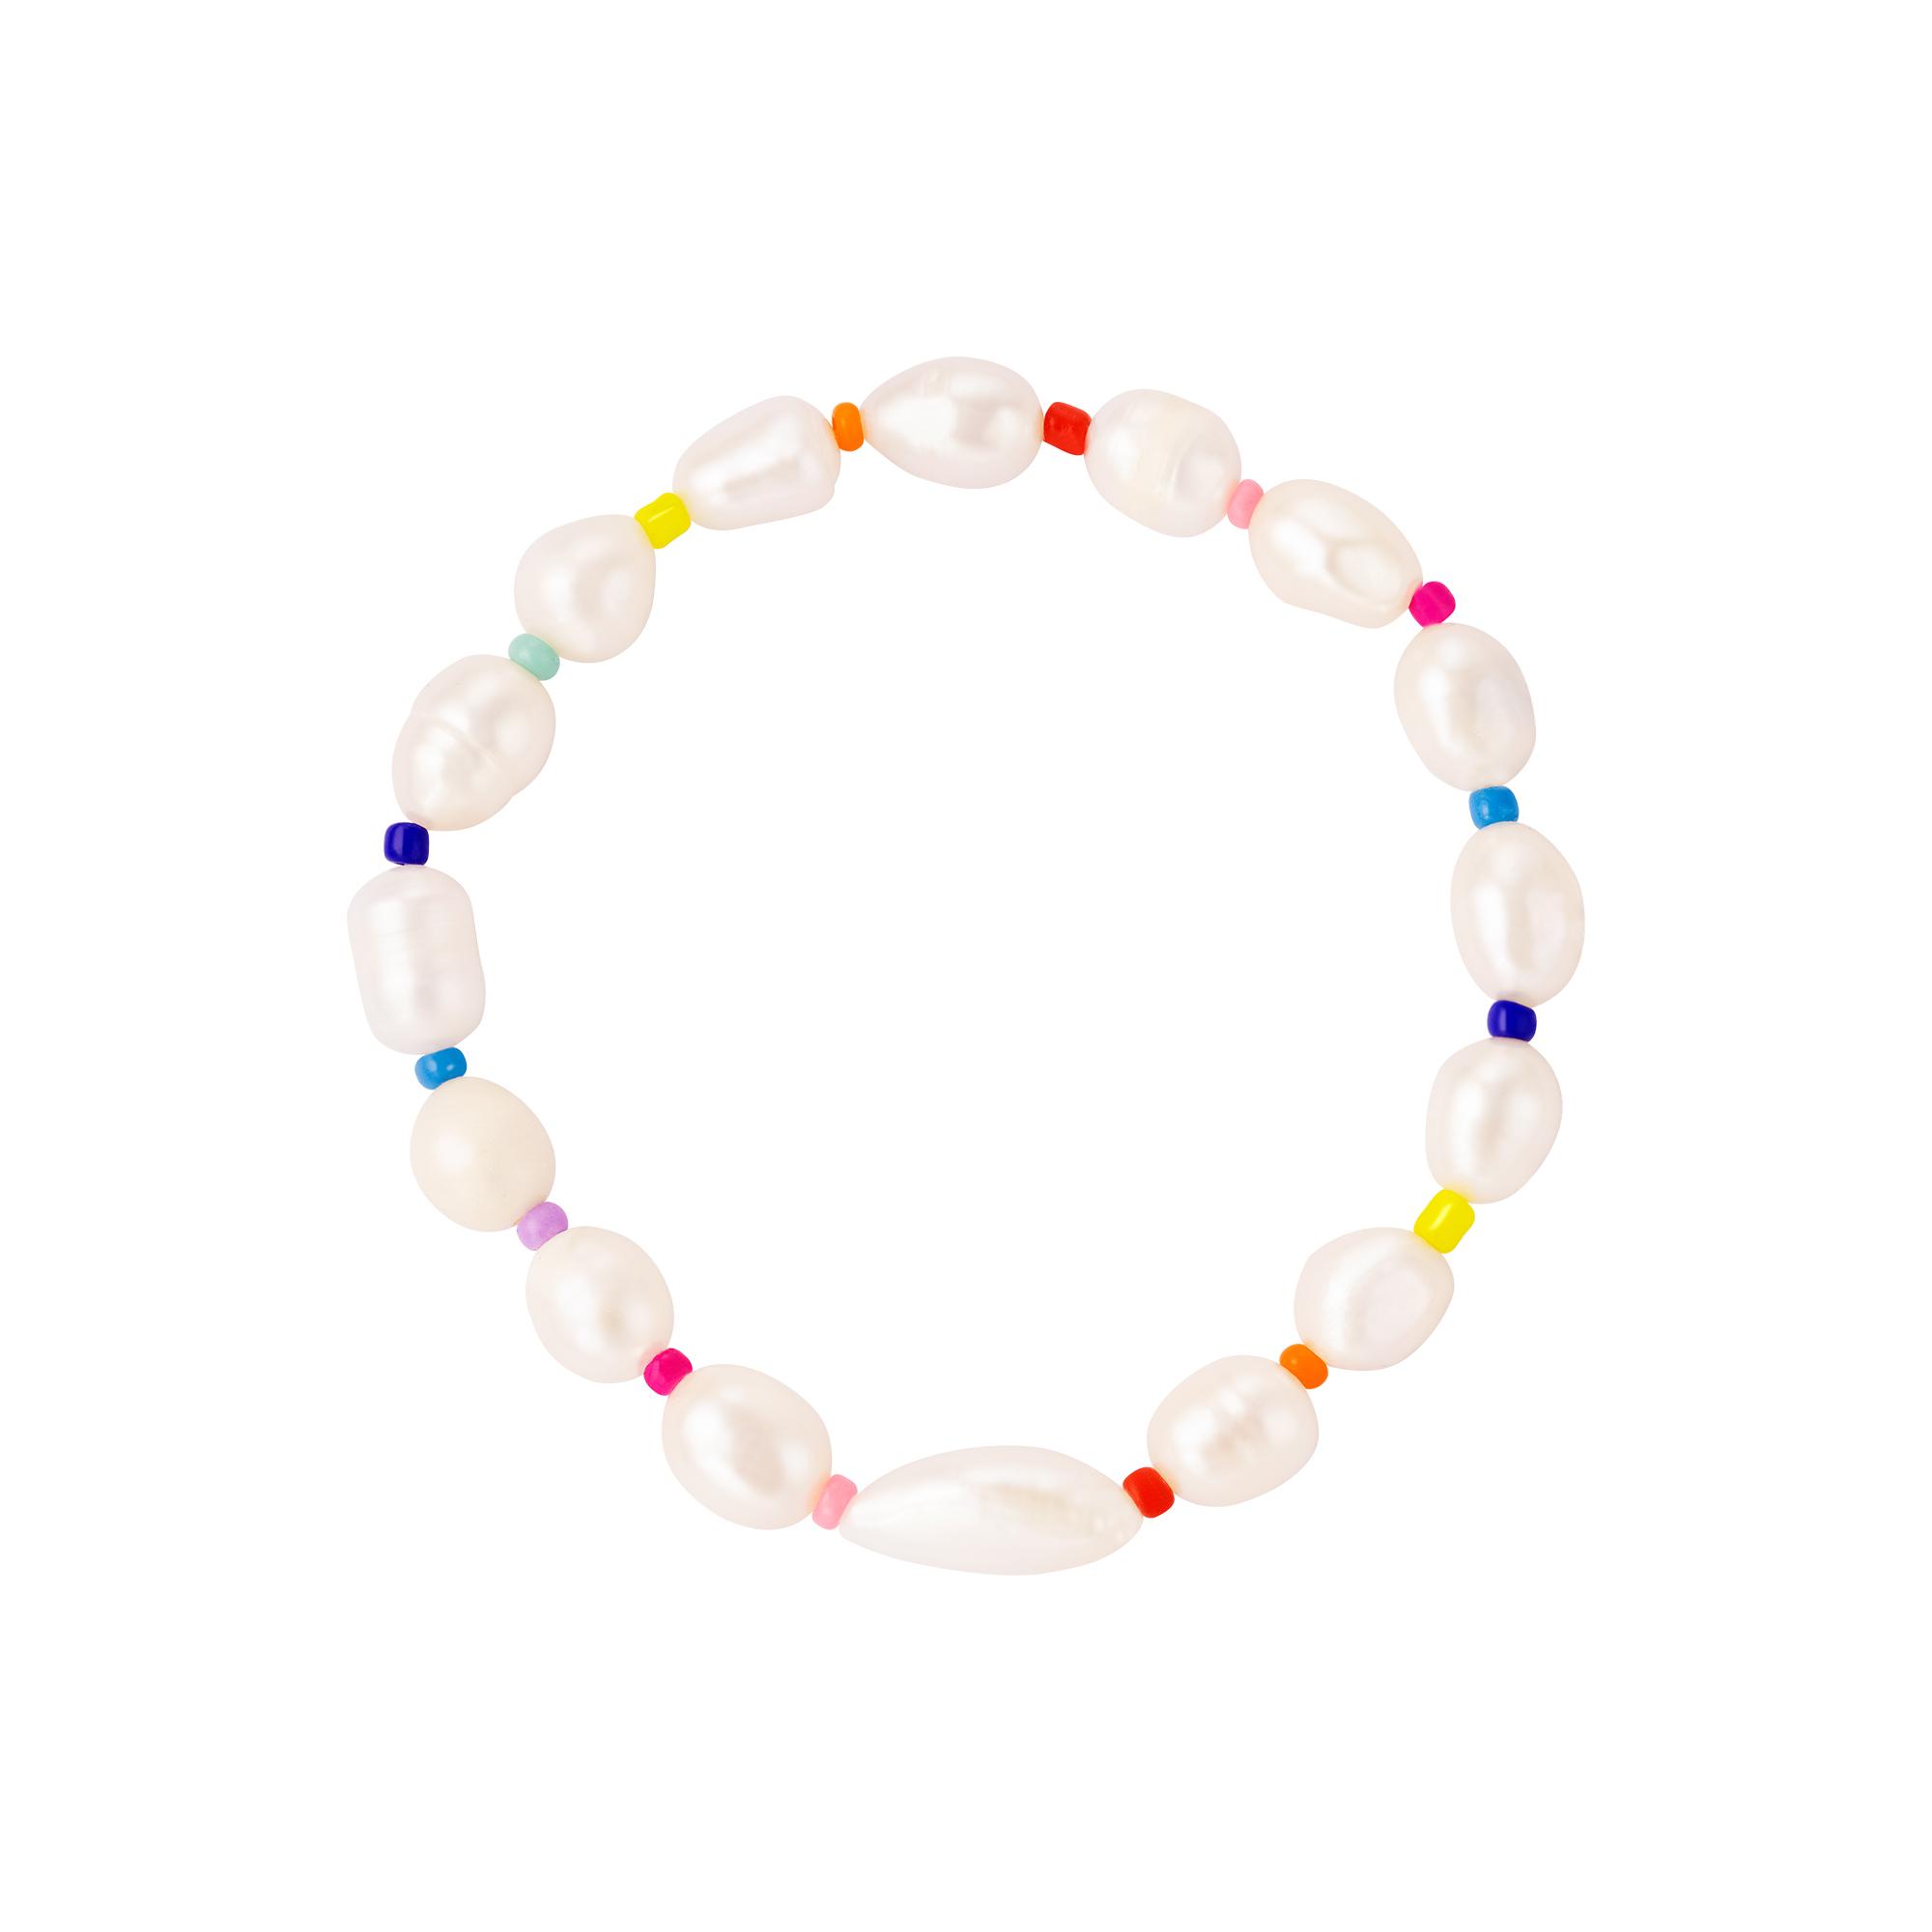 Armband perlen und perlen